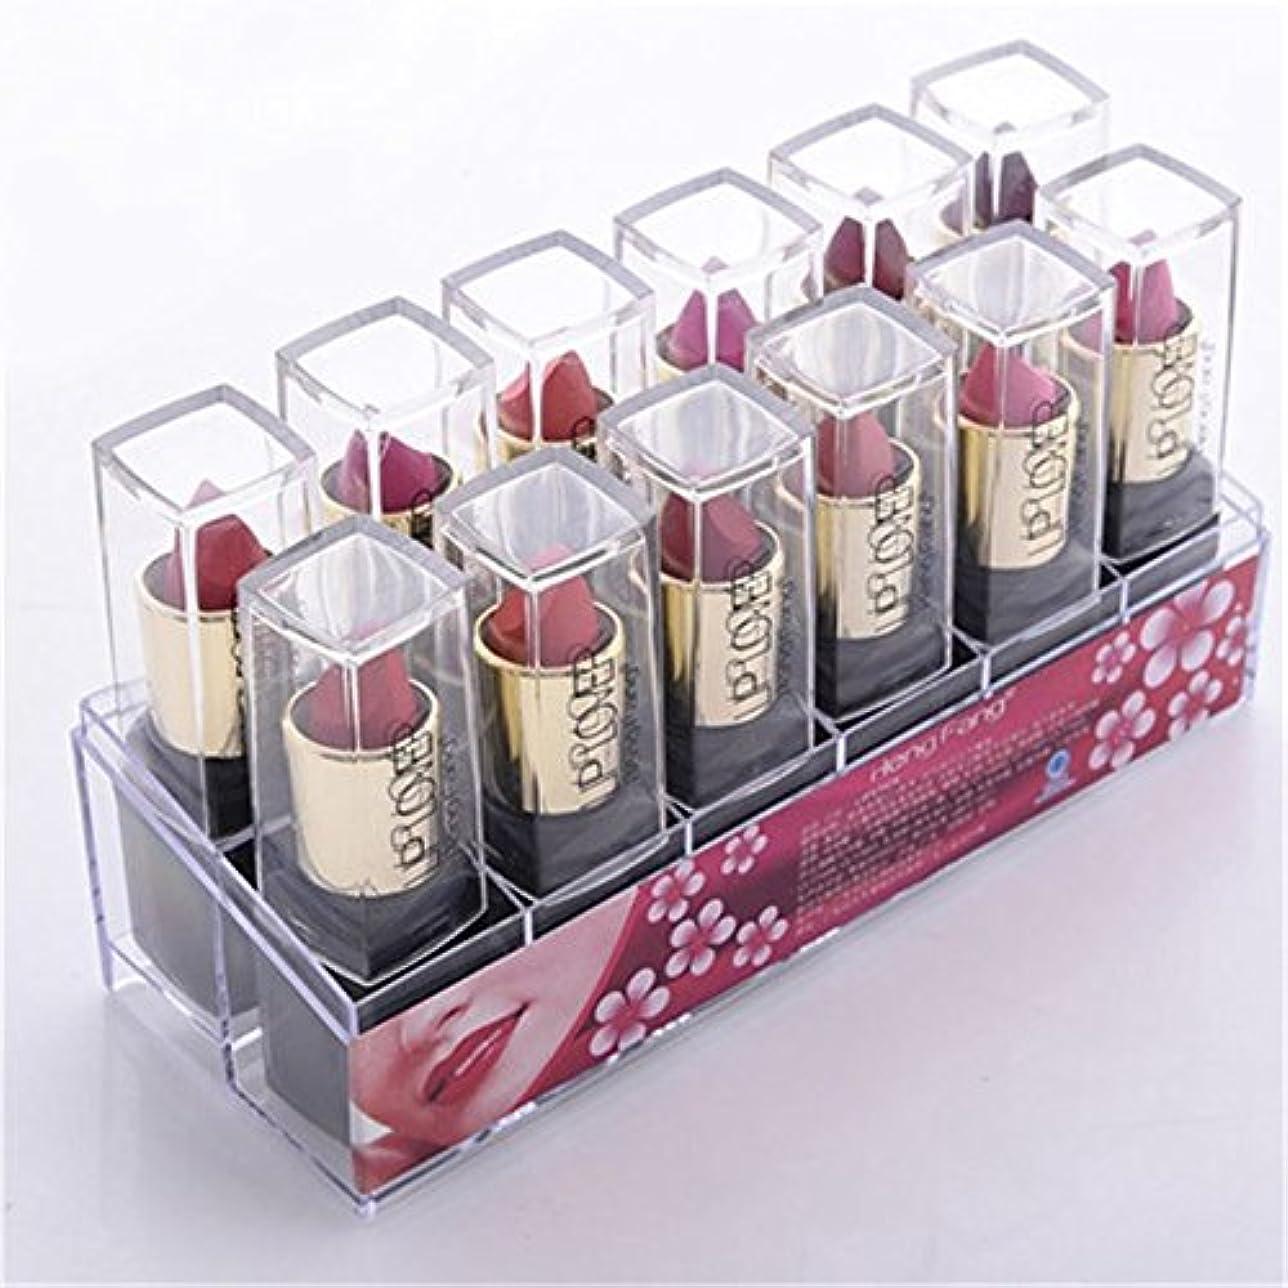 シュートブラシシャッター2017 New 12pcs/set Lipsticks Sex Nude Lip Matte Kits Long Lasting Waterproof Pigment Matte Makeup Lipstick Set...